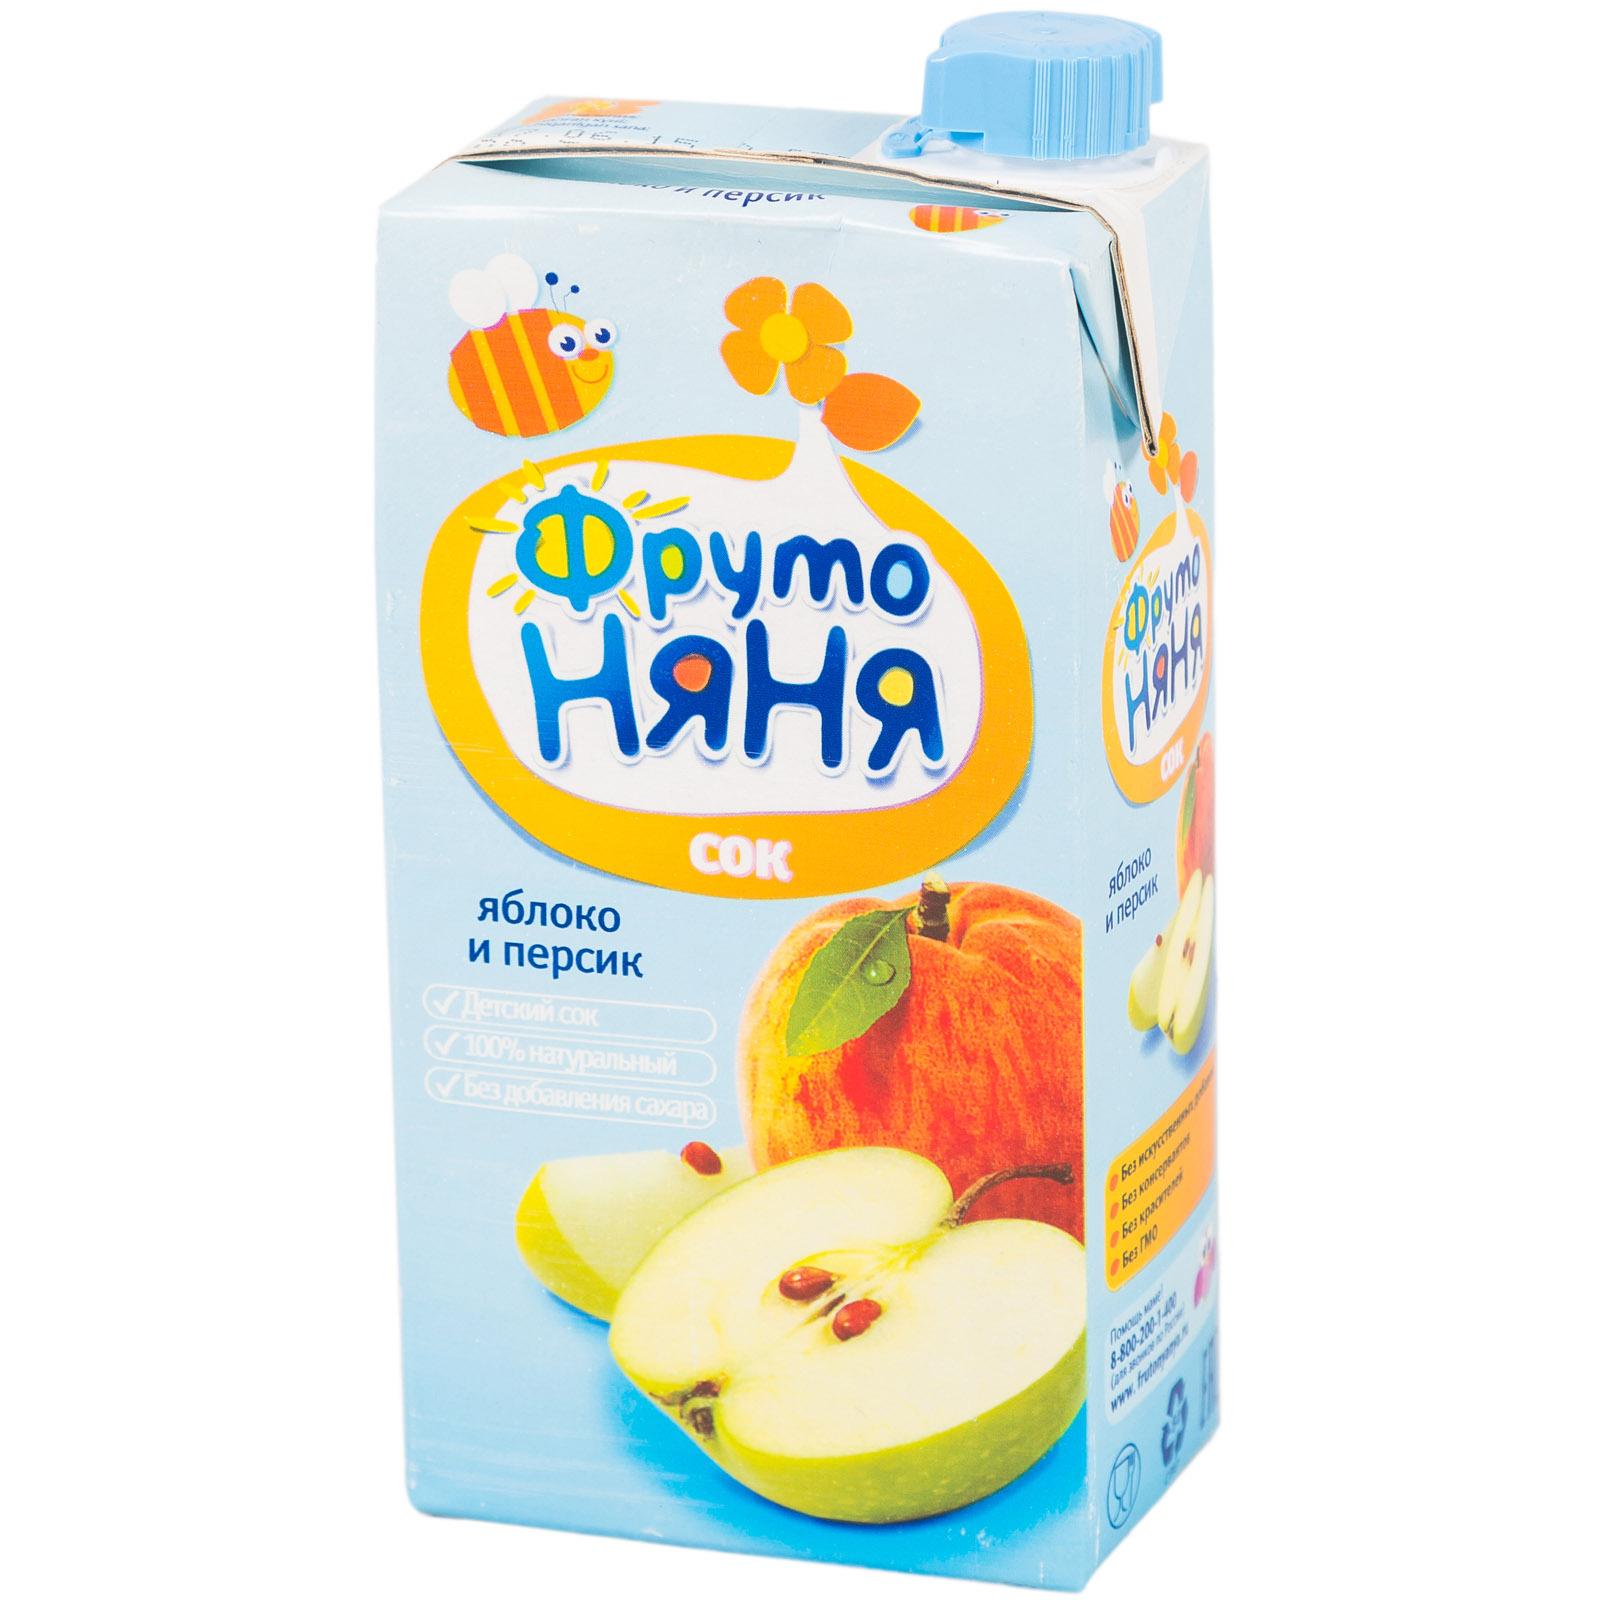 Сок Фрутоняня 500 мл Яблочно-персиковый с мякотью (с 3 лет)